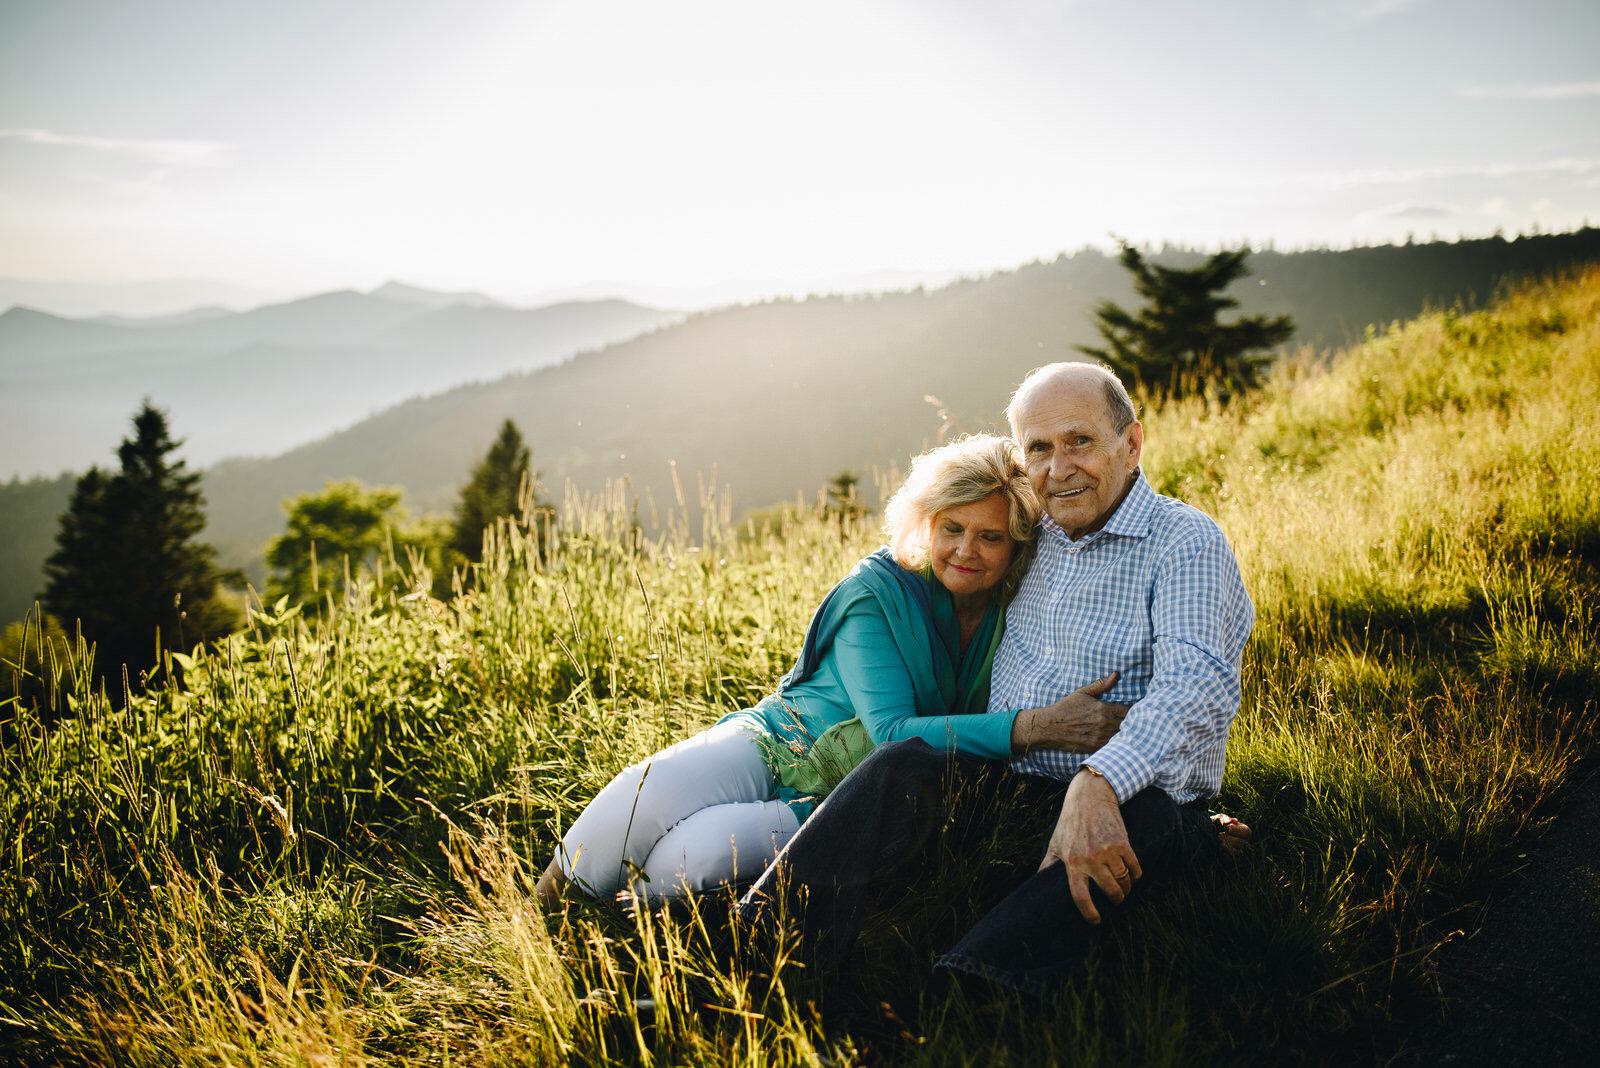 Mountain-top-family-photos-asheville-nc (30 of 1).jpg